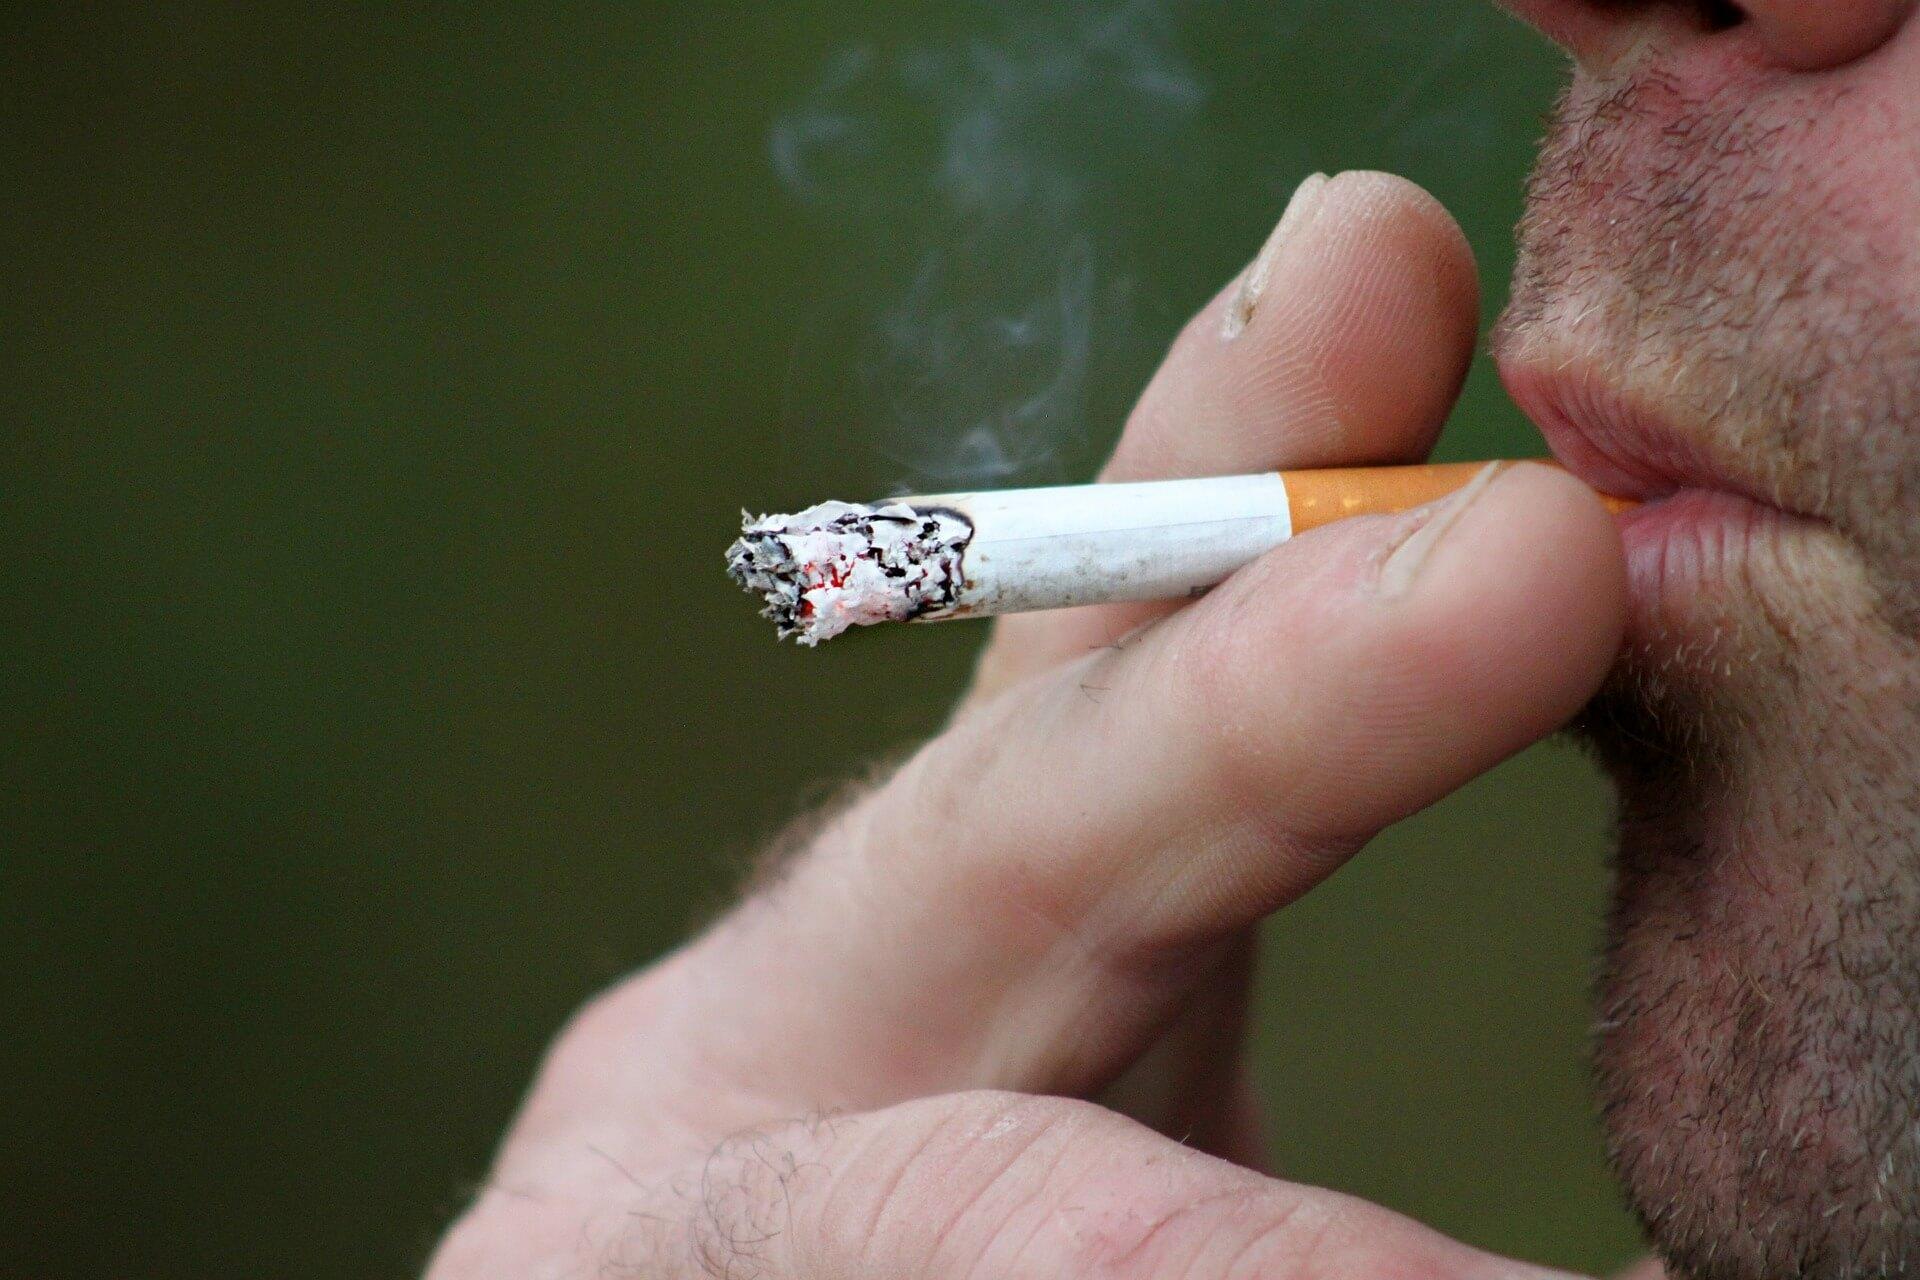 מה אומרת ההלכה לגבי עישון סיגריה והאם יש התייחסות לנושא הסיגריה אלקטרונית?